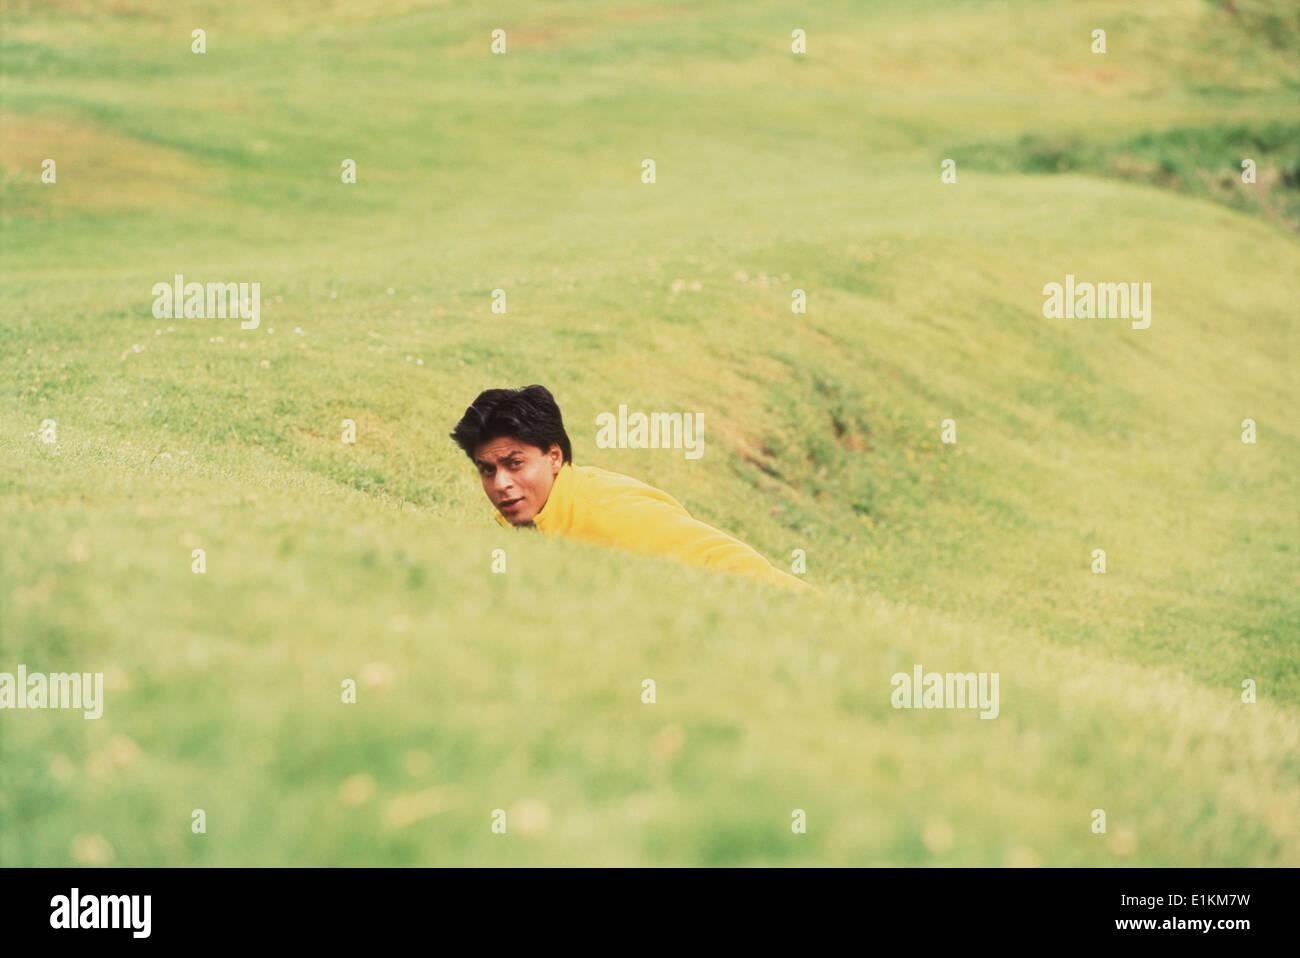 Shahrukh Khan Shah Rukh Srk Kuch Kuch Hota Hai High Resolution Stock  Photography and Images - Alamy